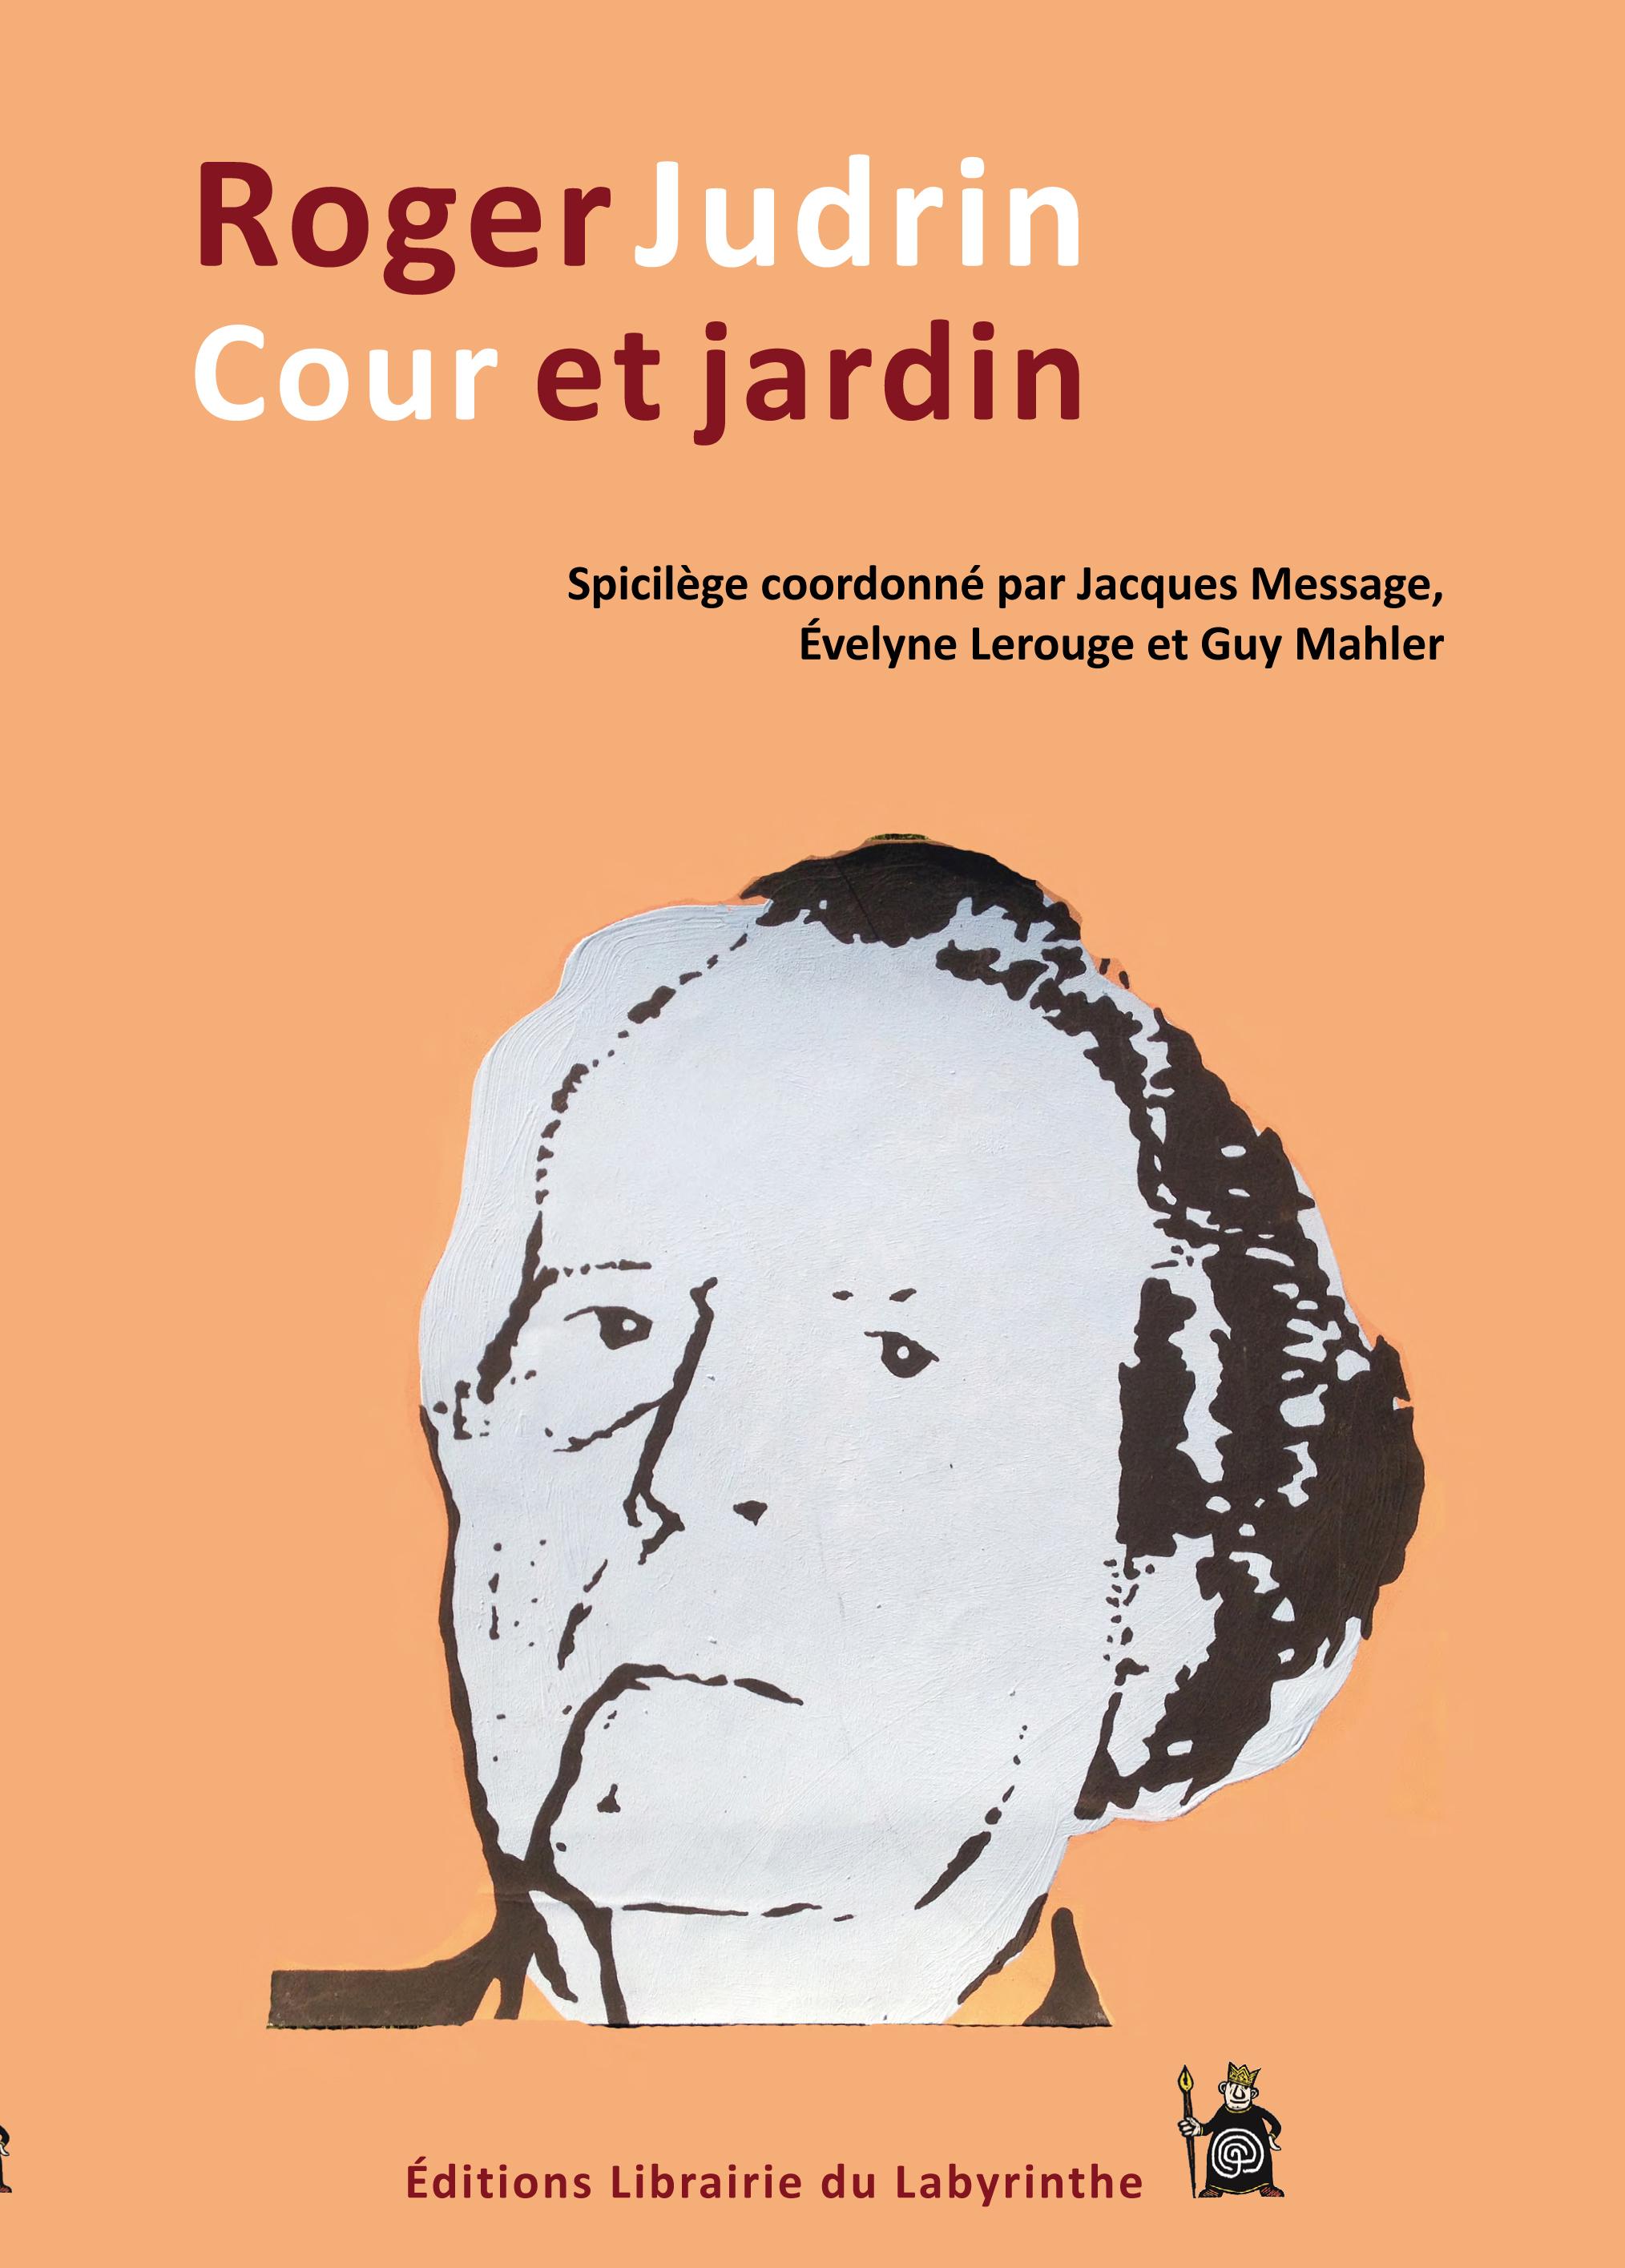 couverture du livre Roger Judrin cour et jardin